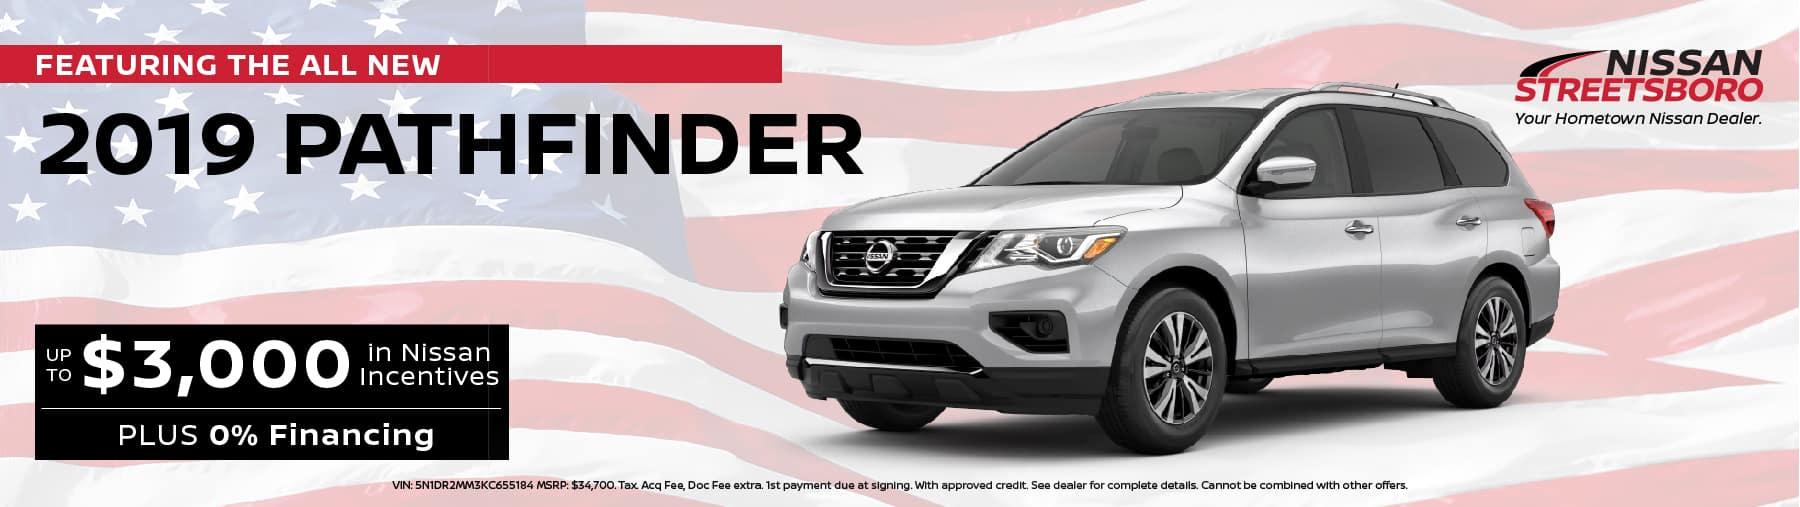 2019 Nissan Pathfinder Incentives